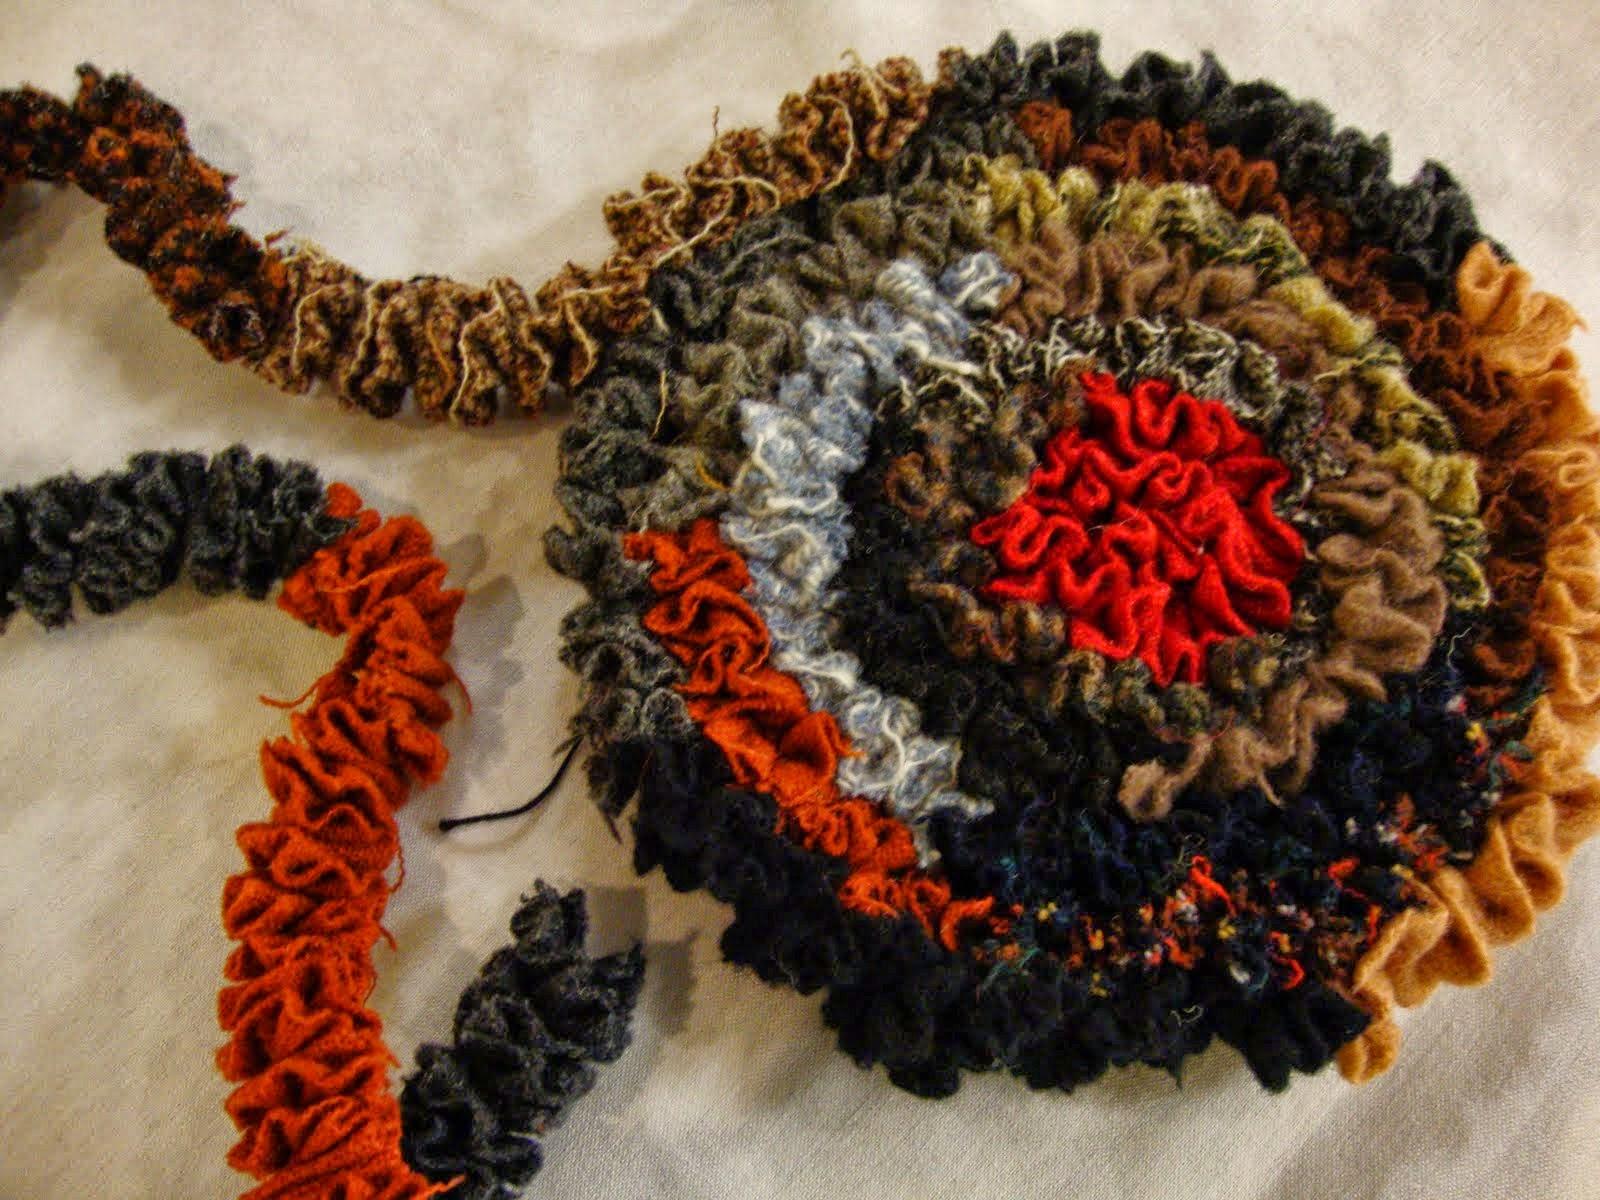 Arte Em Tapete De Retalho : alguns modelos de tapetes feitos de retalhos que podem ser de